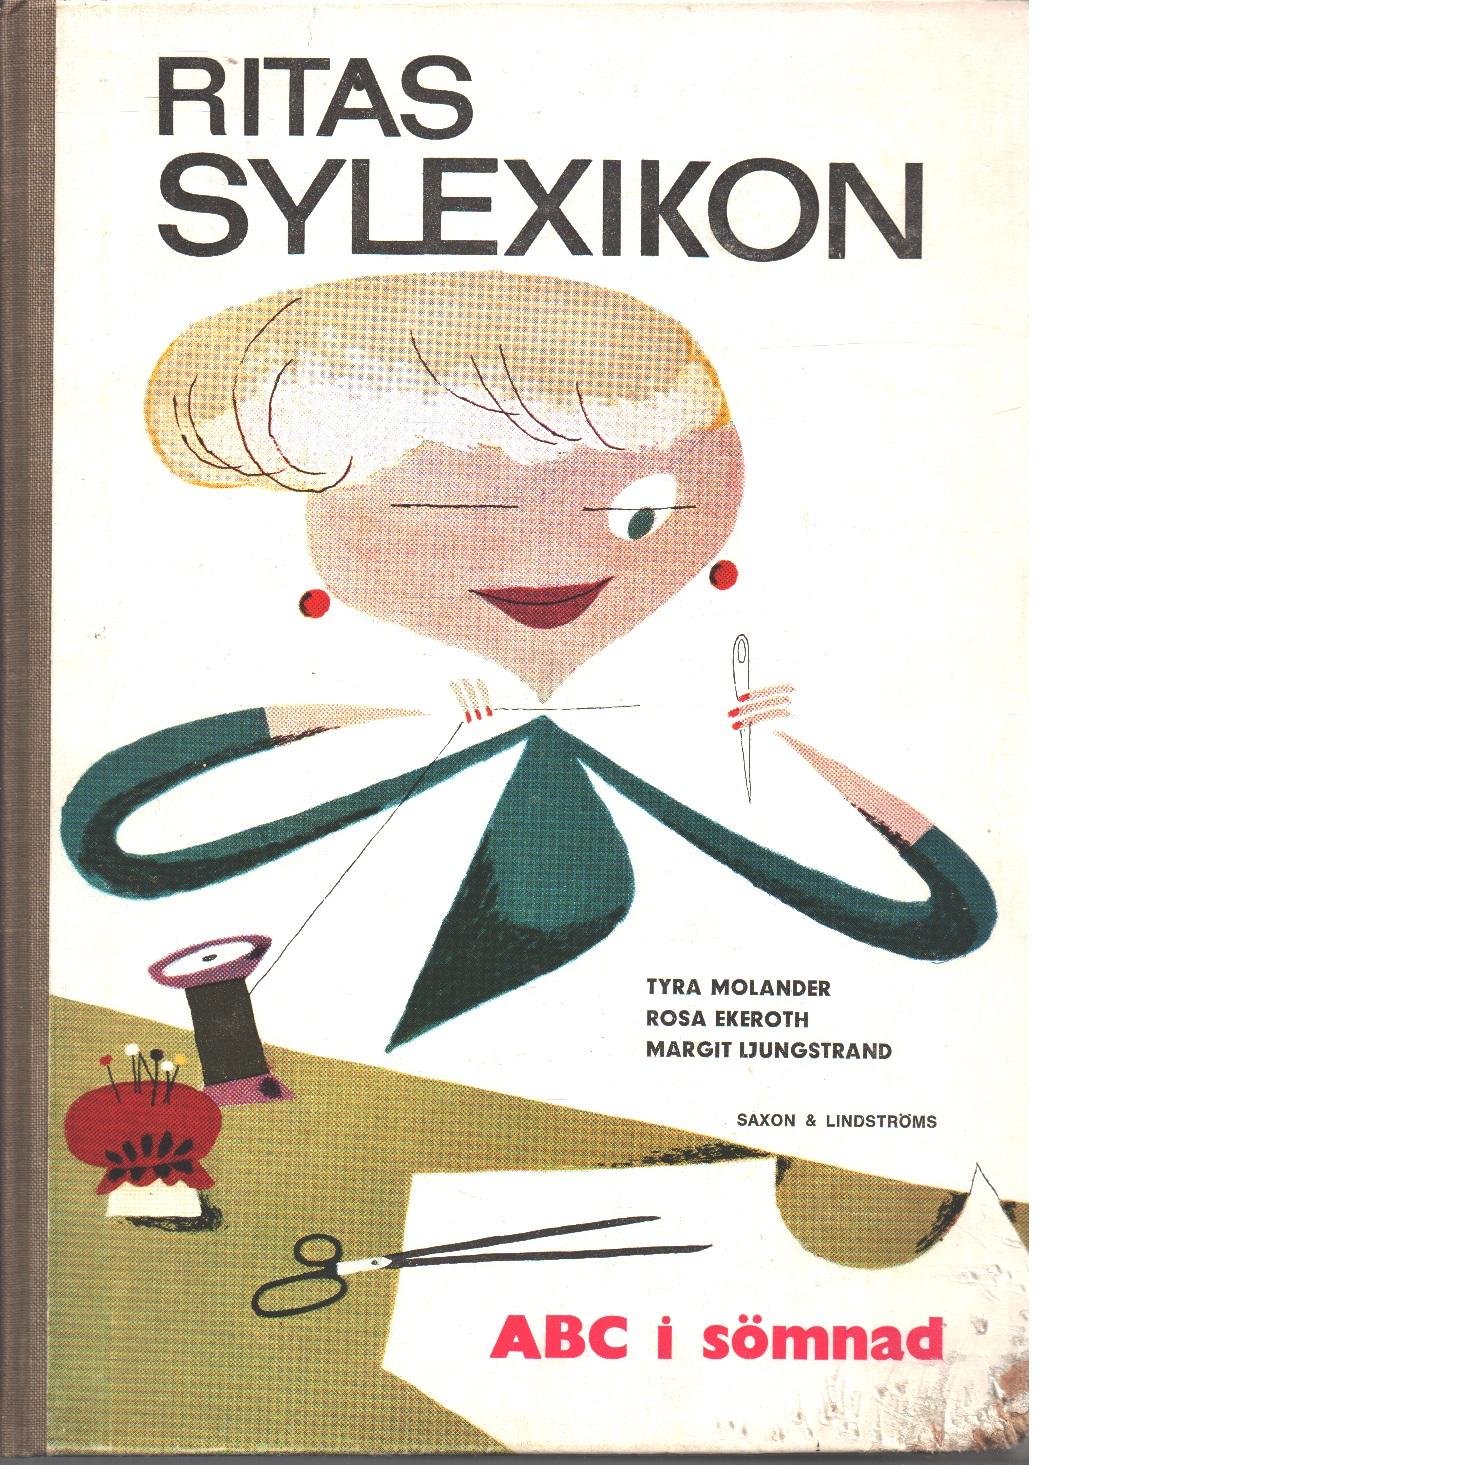 Ritas sylexikon : [ABC i sömnad] - Molander, Tyra och Ljungstrand, Margit samt Ekeroth, Rosa